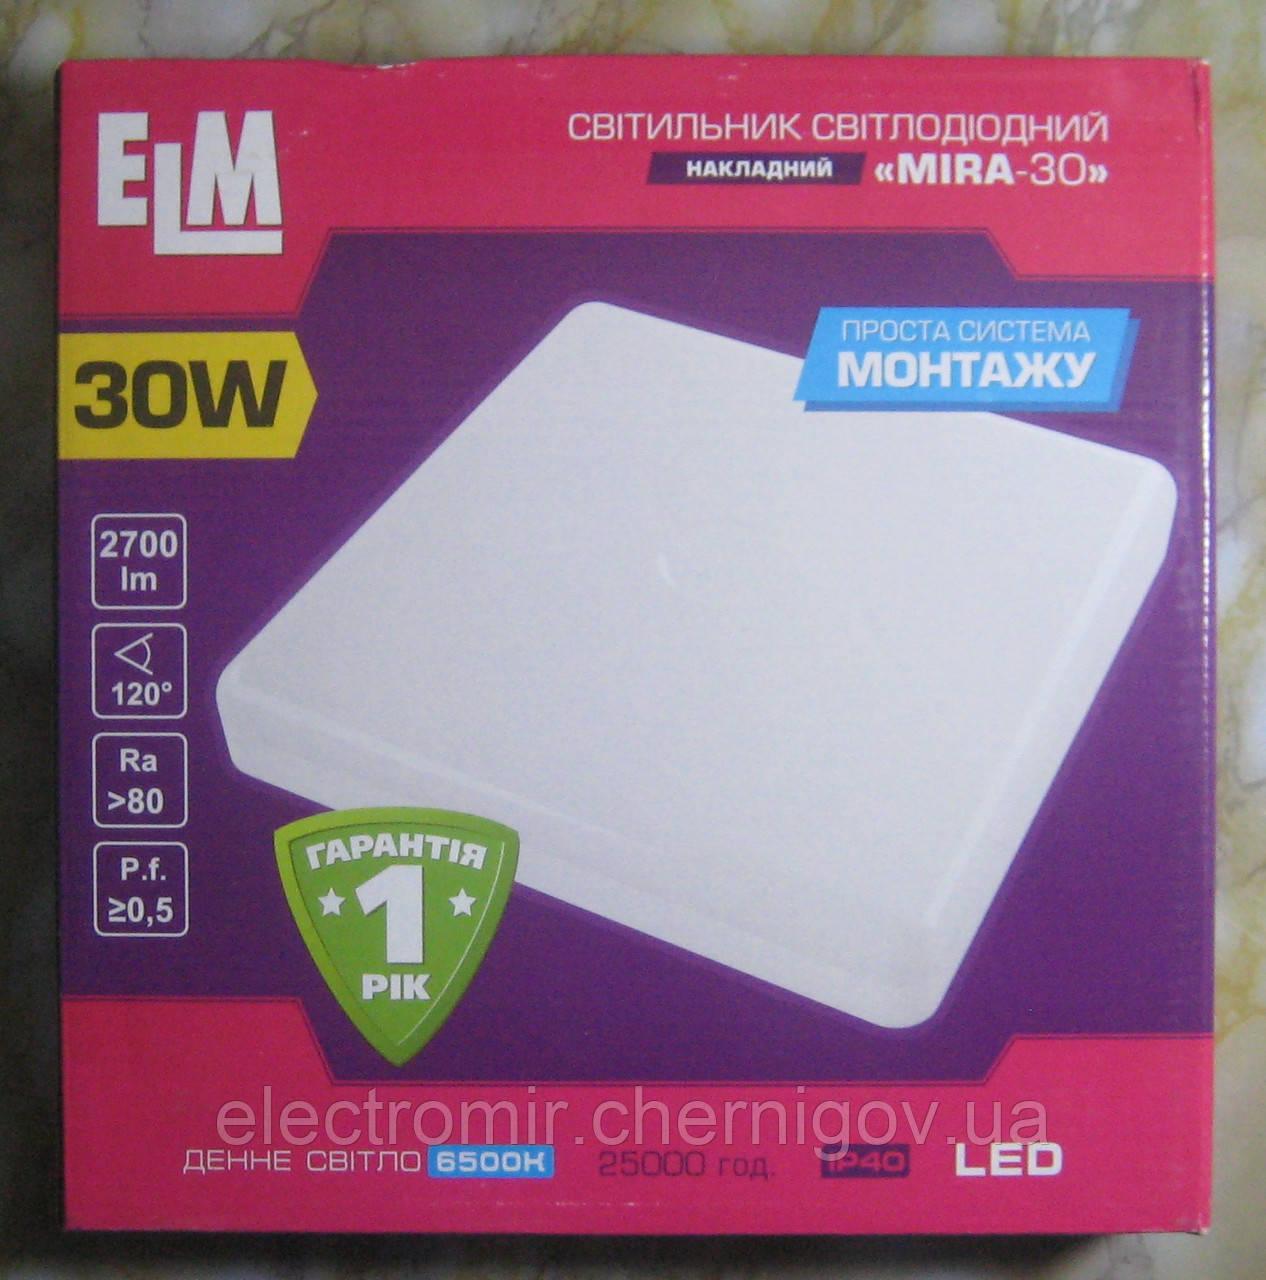 Светильник накладной светодиодный квадратный ELM MIRA-30